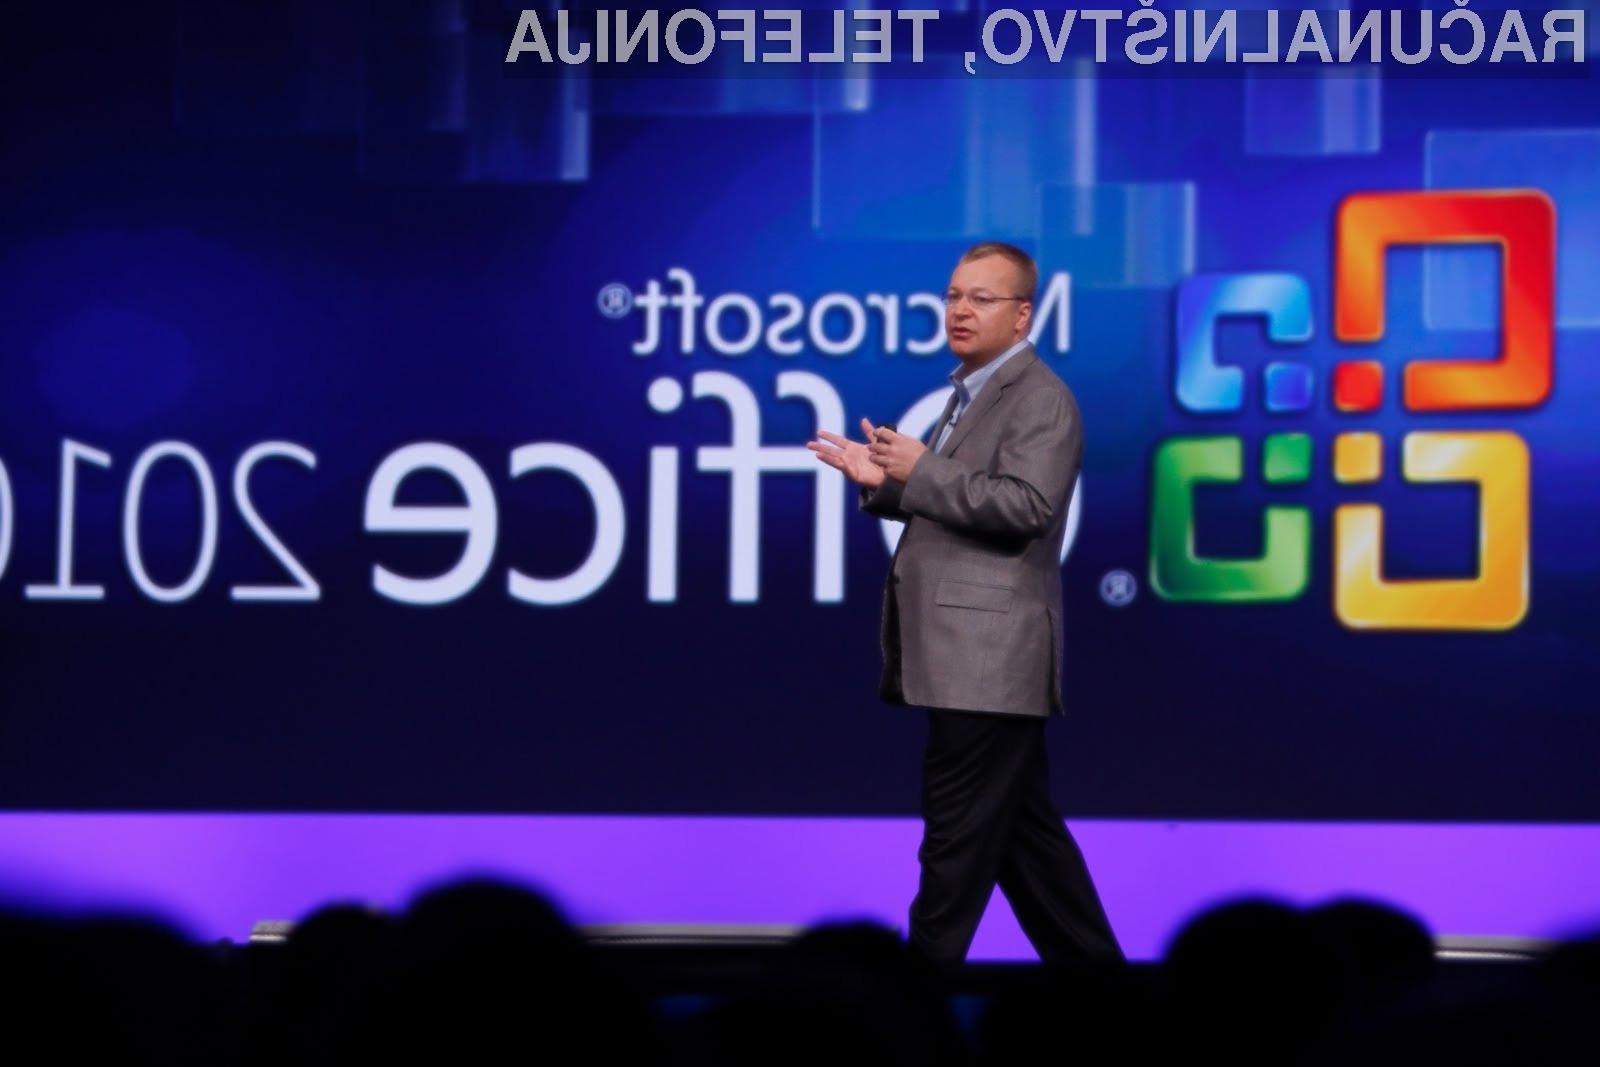 Direktor Nokije, Stephen Elop pravi, da je podjetje trenutno v obdobju, v katerem se morajo naložbe v sistem Symbian nujno nadaljevati.